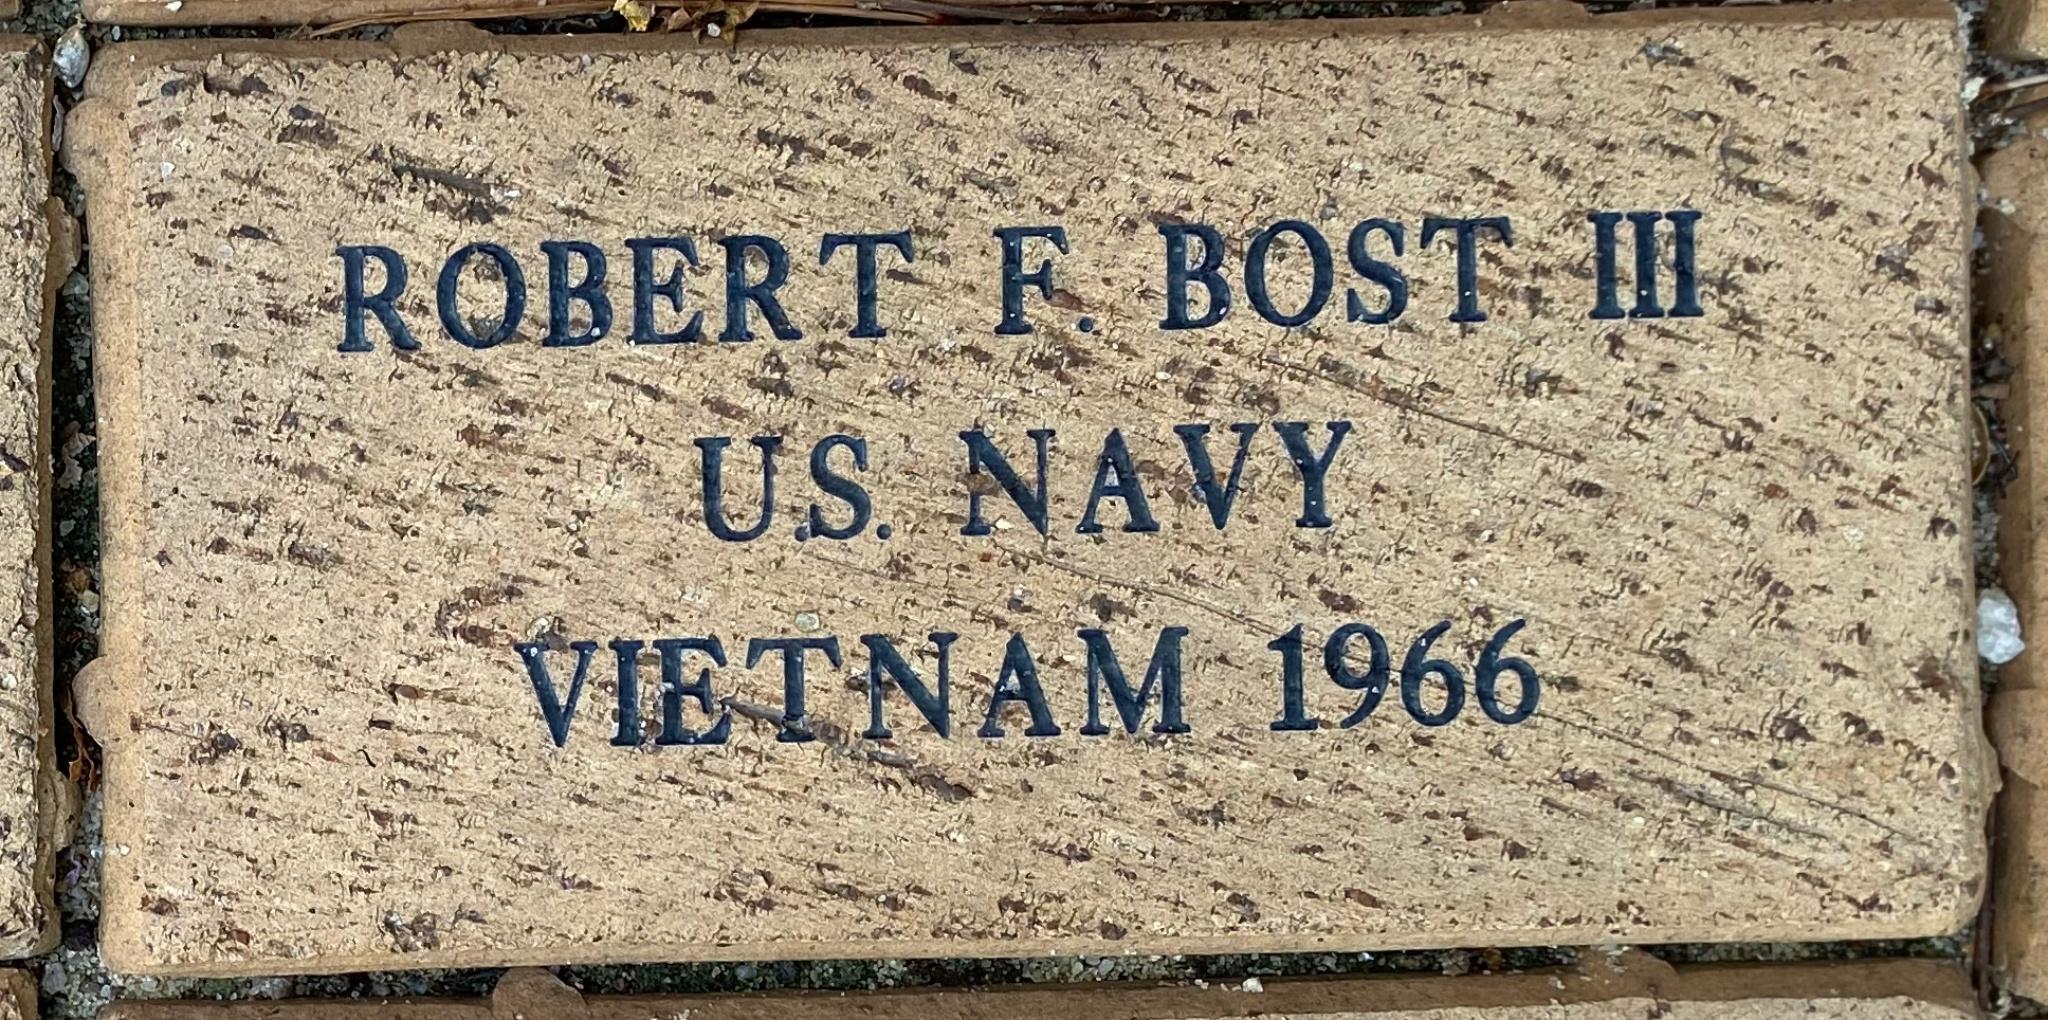 ROBERT F BOST III U.S. NAVY VIETNAM 1966